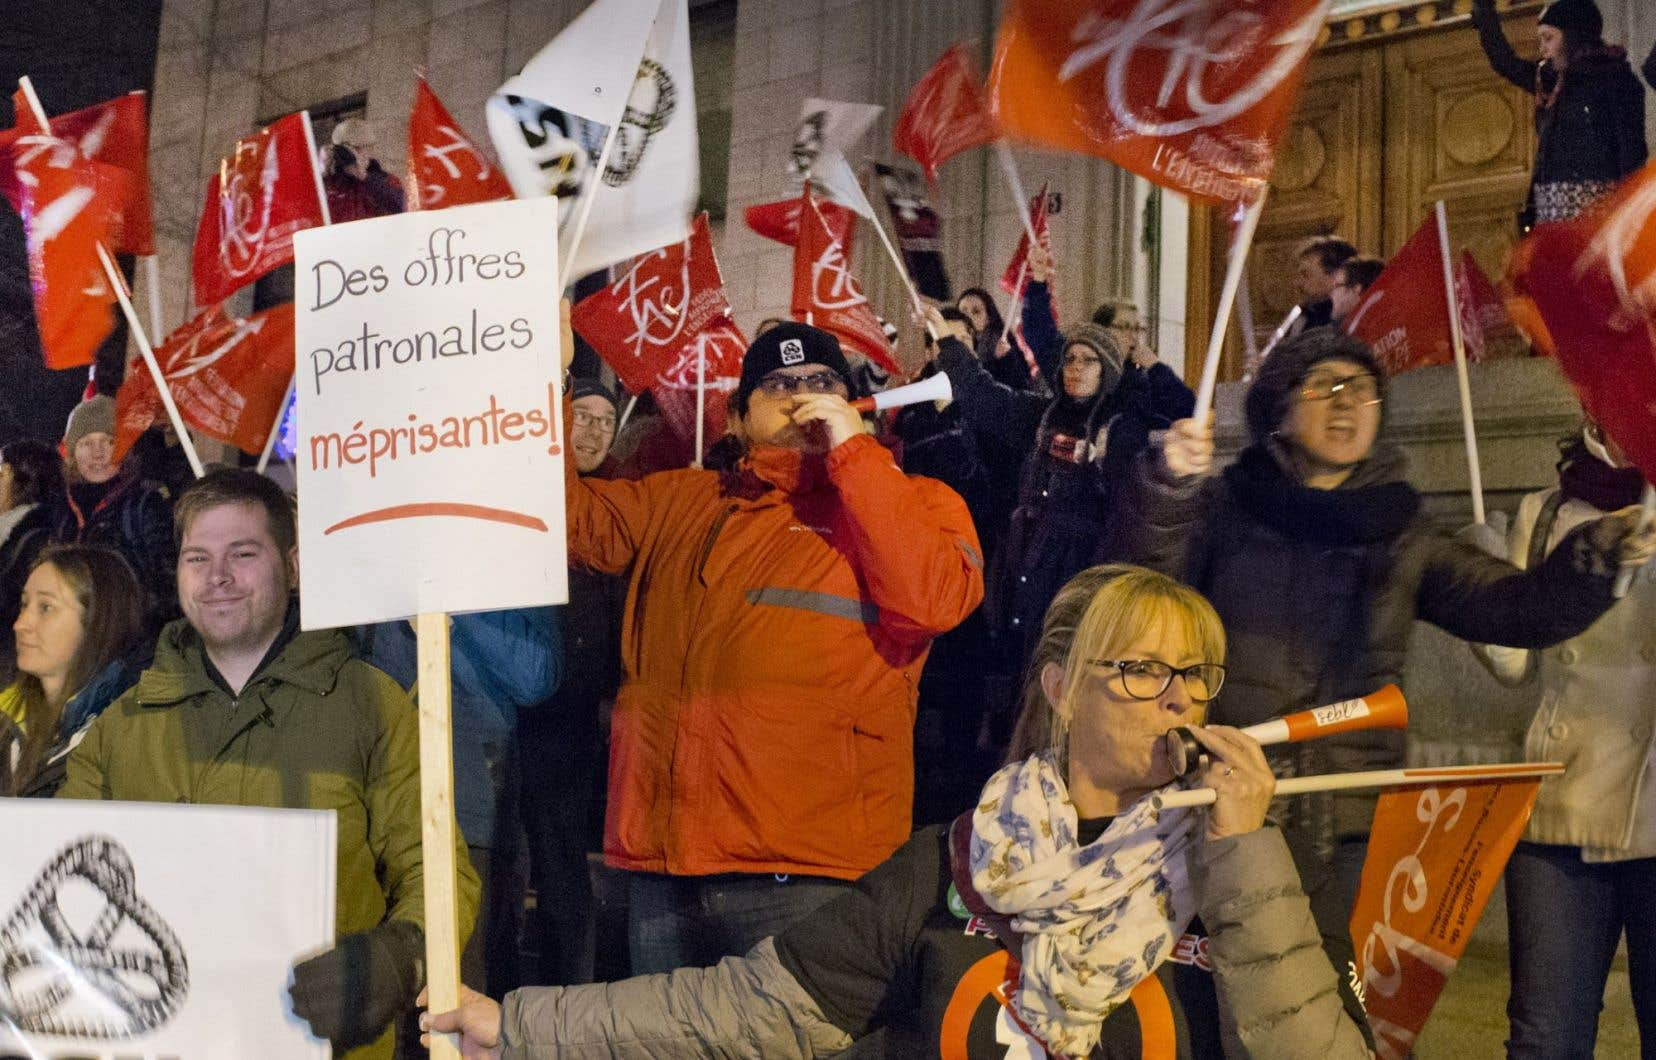 La manifestation a éclaté avant l'aube sur la rue Sherbrooke Ouest, face au Club Mont-Royal, au centre-ville de Montréal.